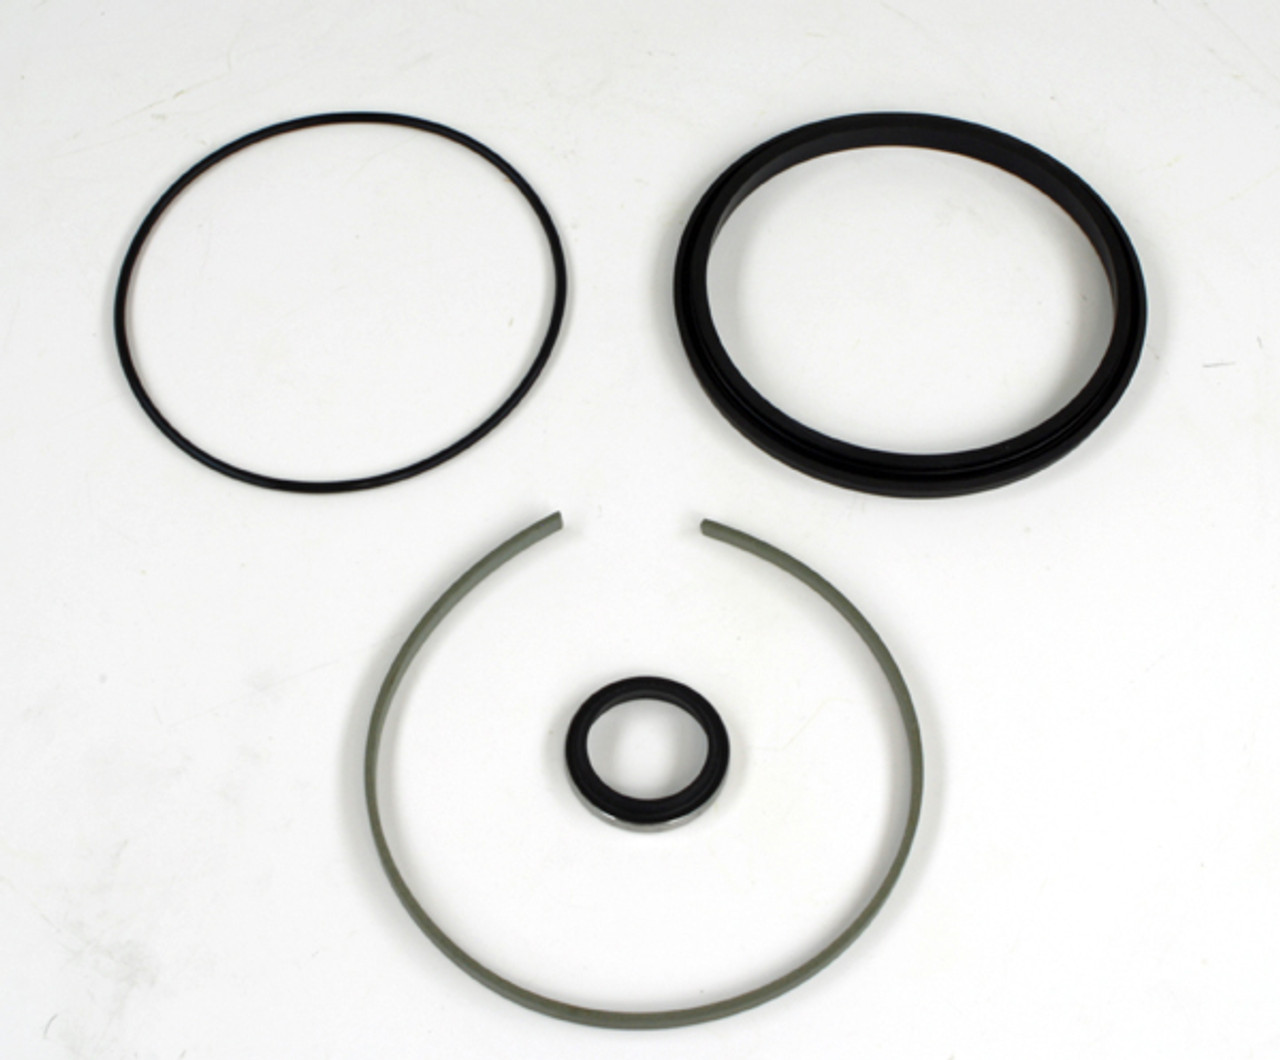 Gasket Seal Kit for 125mm pneumatic cylinder